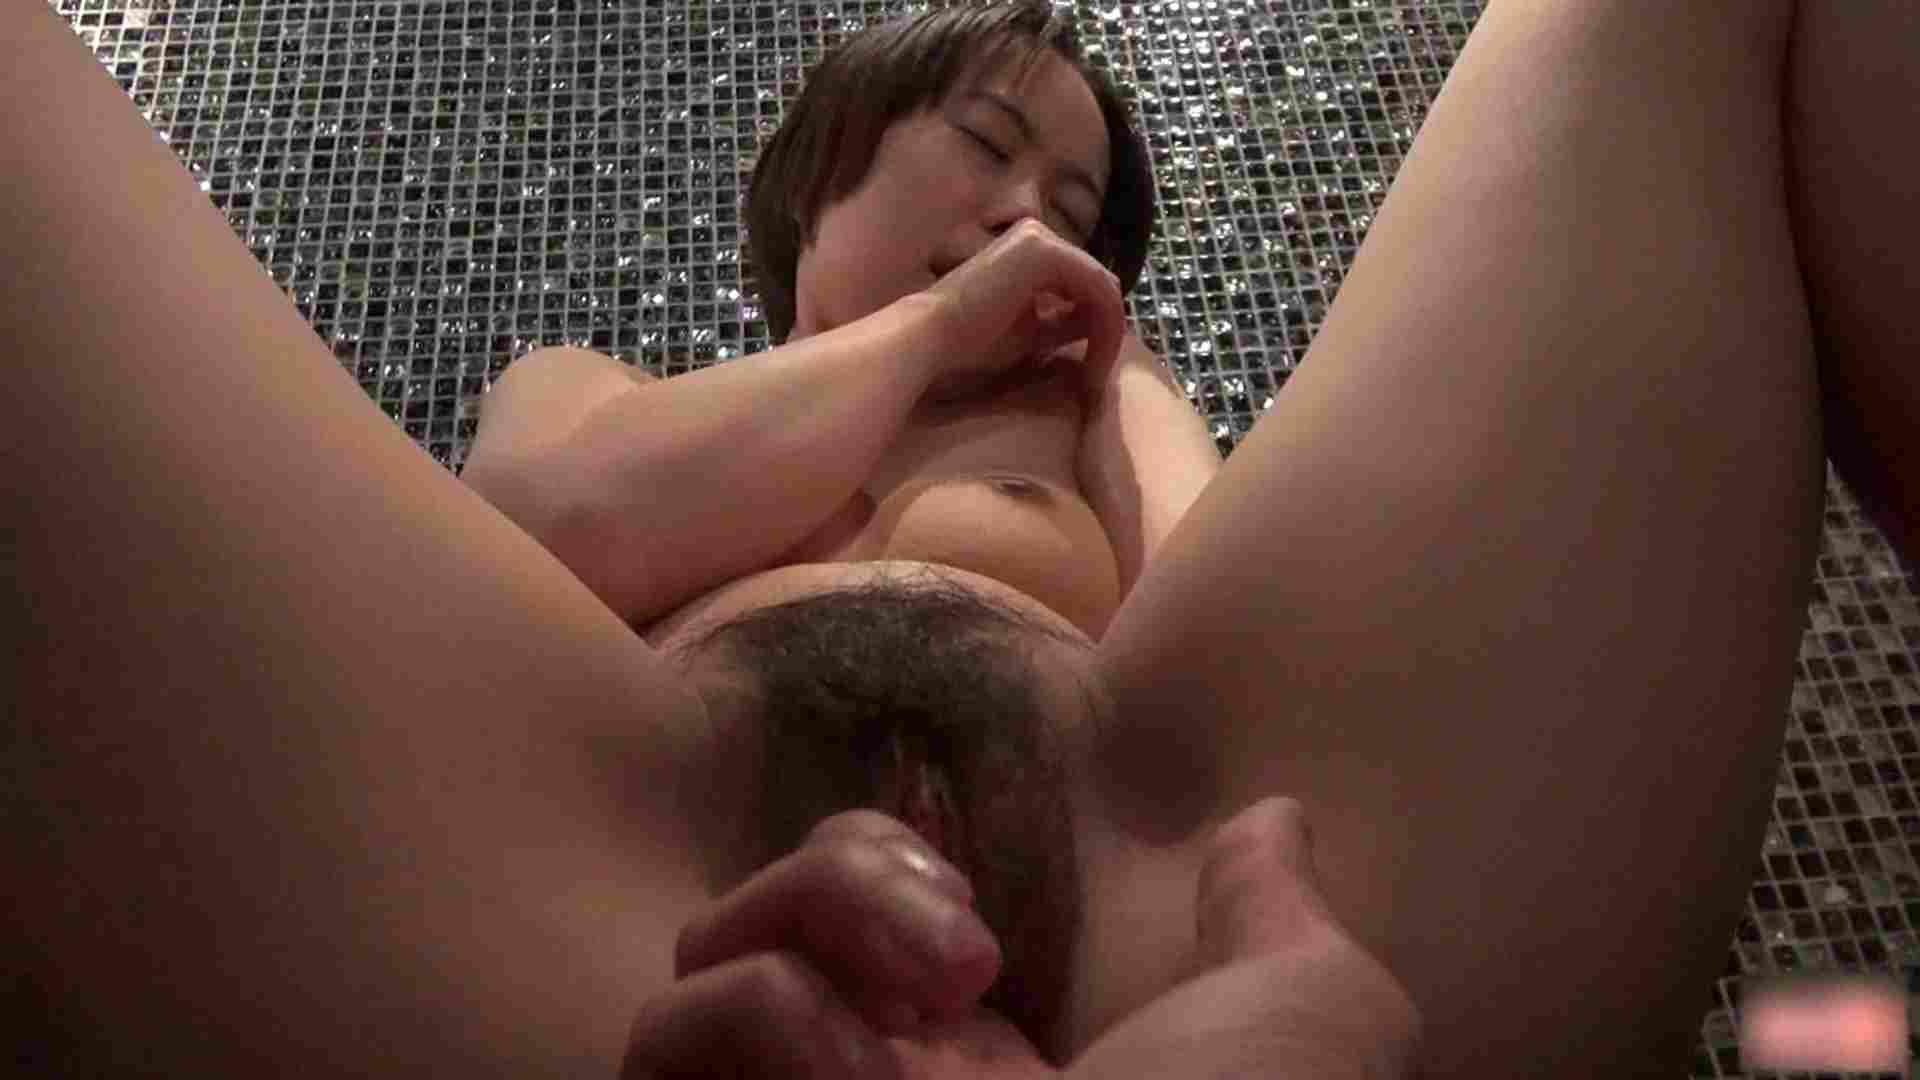 おしえてギャル子のH塾 Vol.28 前編 おっぱい 隠し撮りオマンコ動画紹介 70PIX 39